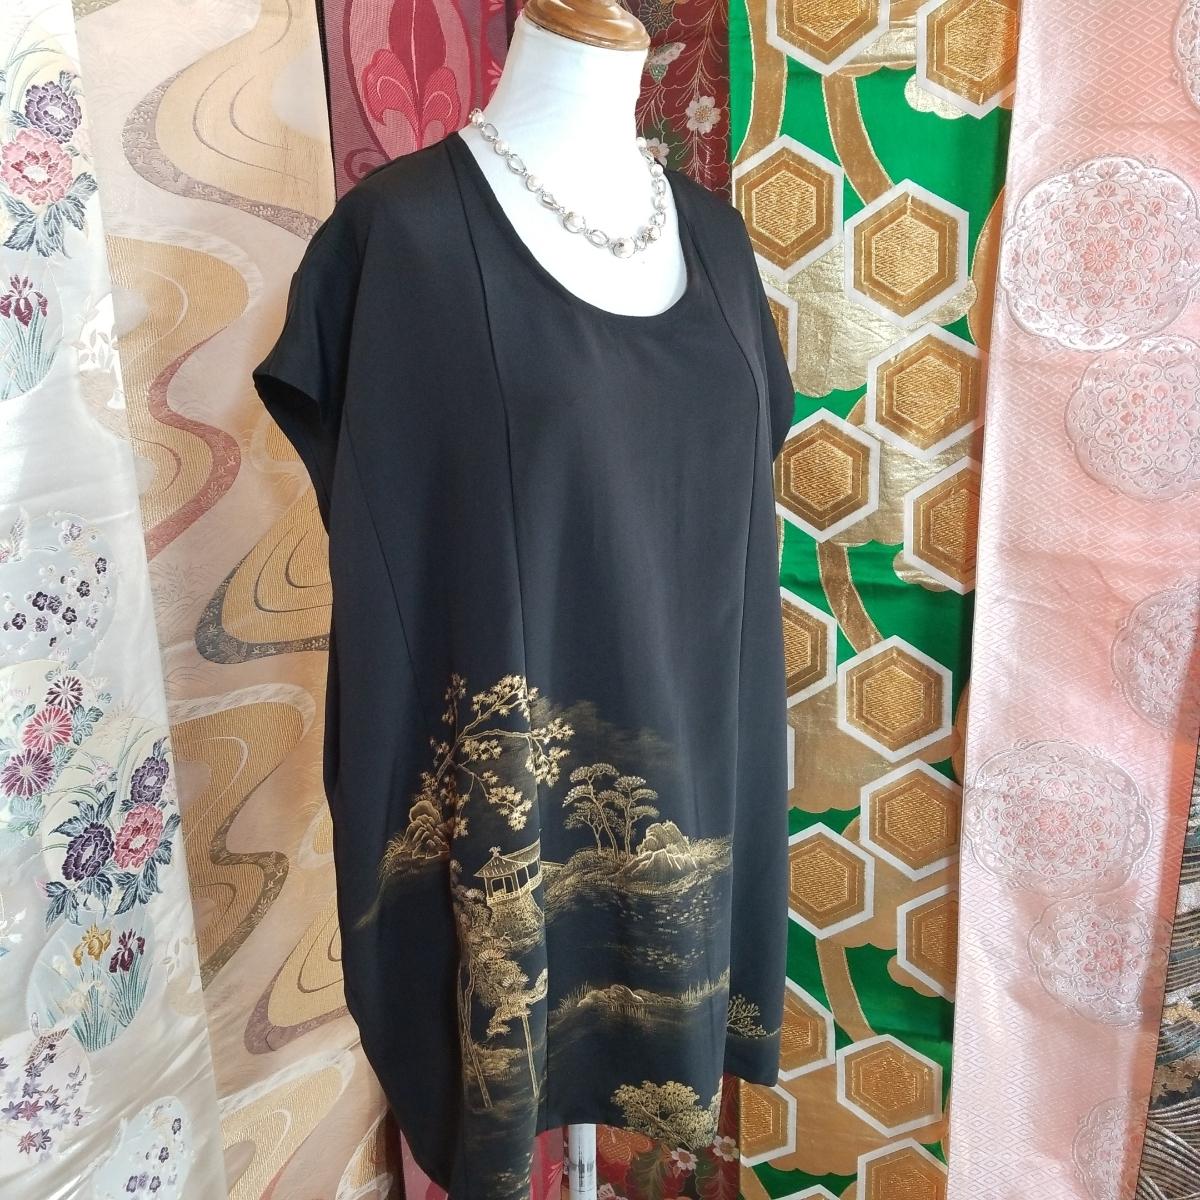 着物リメイク黒留袖水辺風景画チュニックw142ハンドメイド